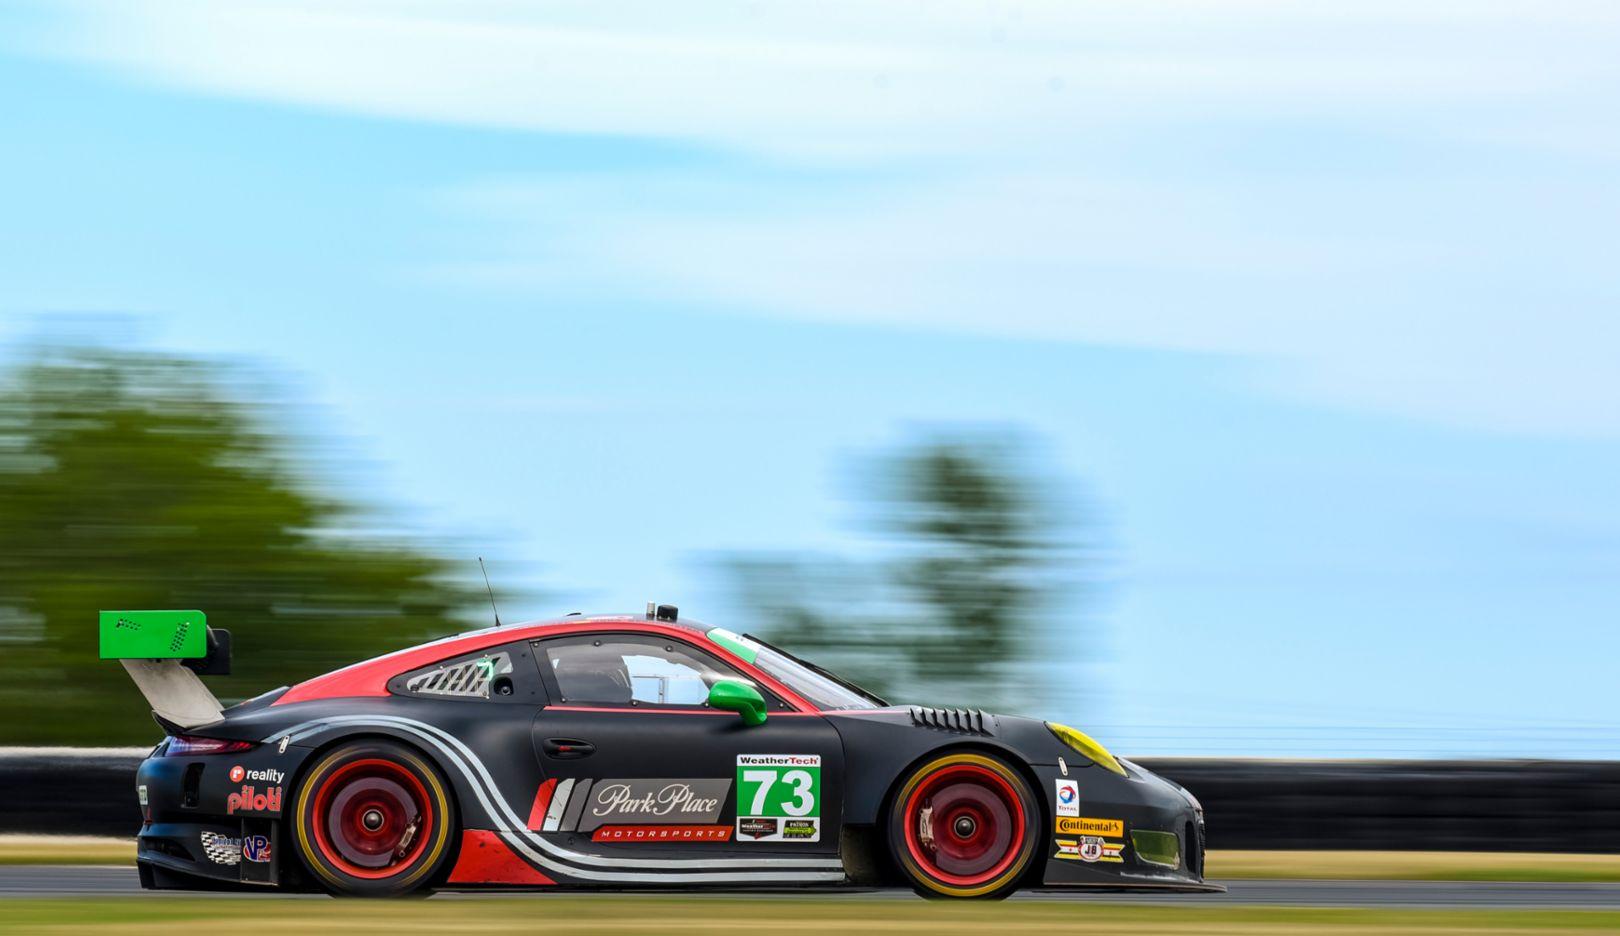 Porsche 911 GT3 R, IMSA, Road America, Elkhart Lake, 2016, Porsche AG